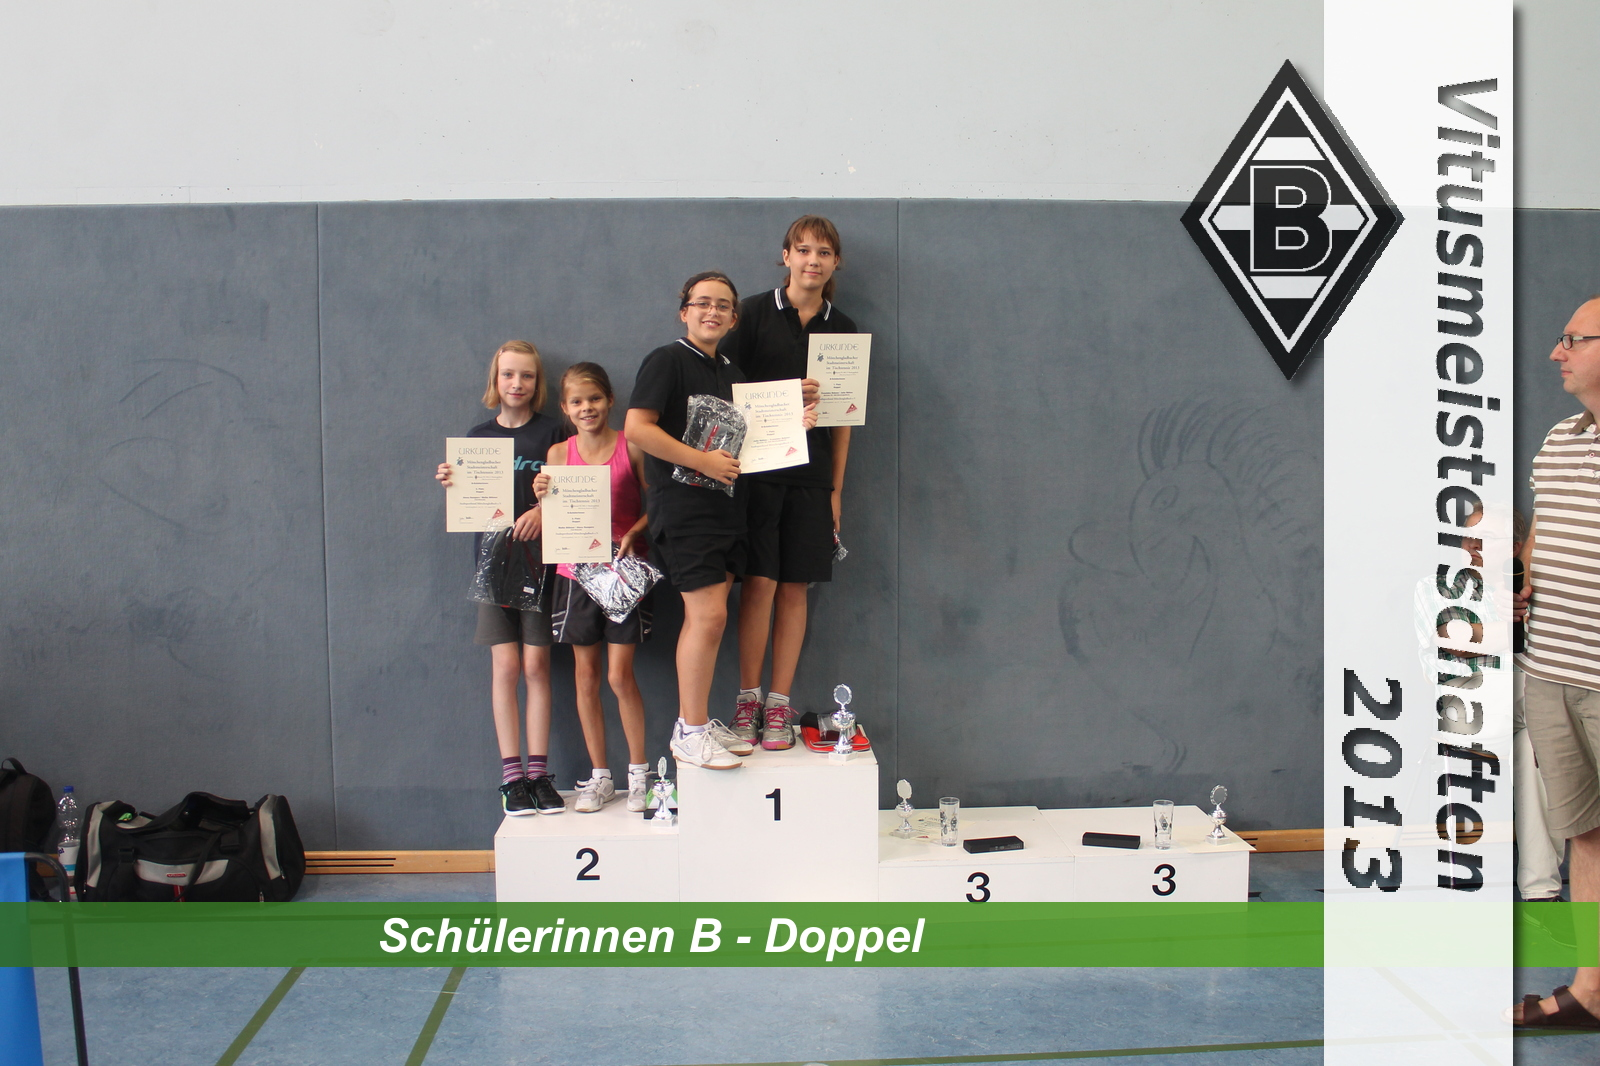 B-Schuelerinnen-Doppel